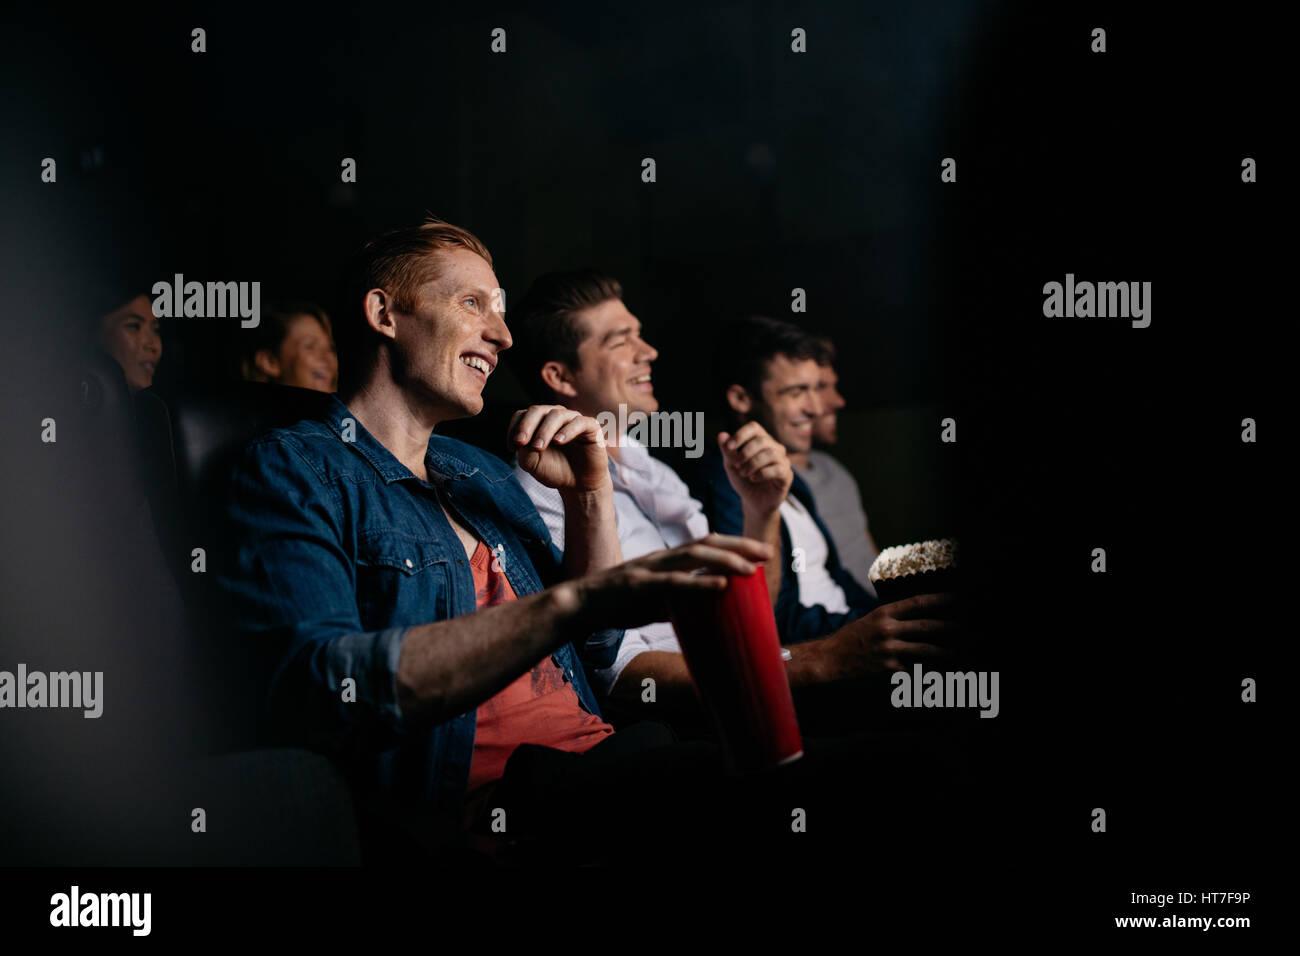 Sonriente joven con los amigos en la sala de cine viendo la película. Grupo de personas viendo la película Imagen De Stock